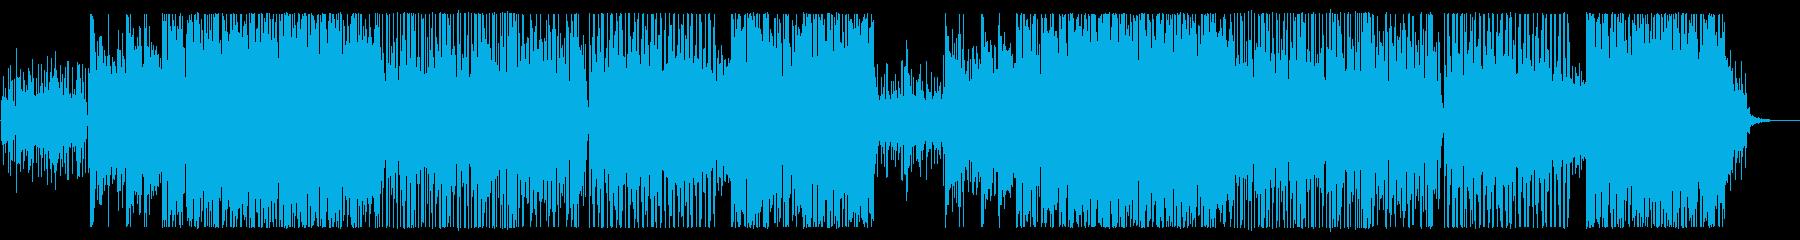 軽快でリズミカルなスピード感あるテクノの再生済みの波形